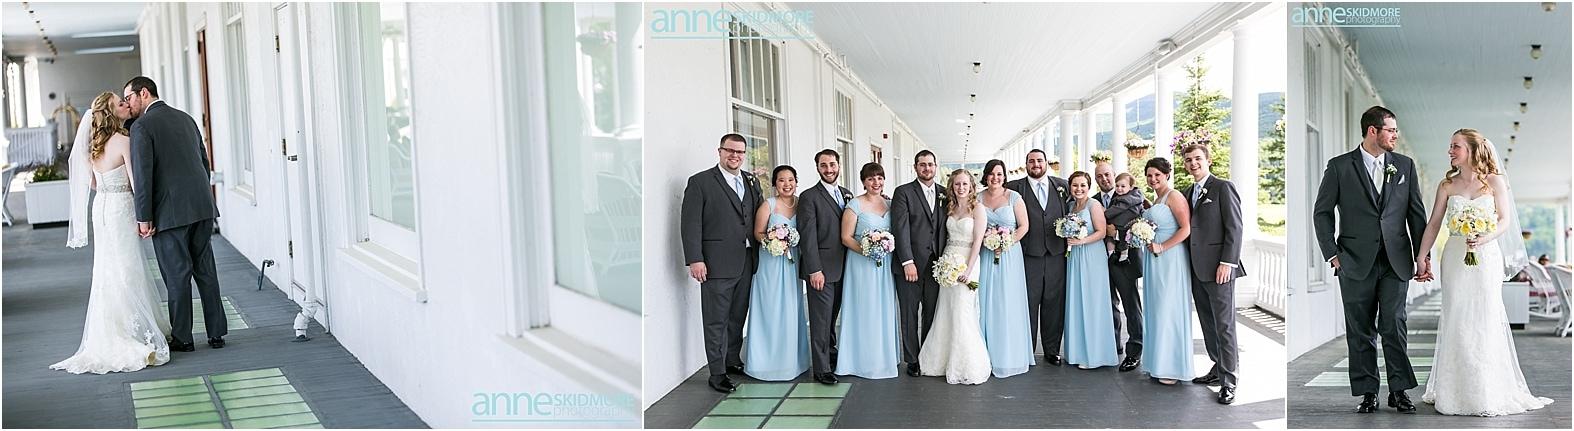 Mount_Washington_Hotel_Wedding_0023